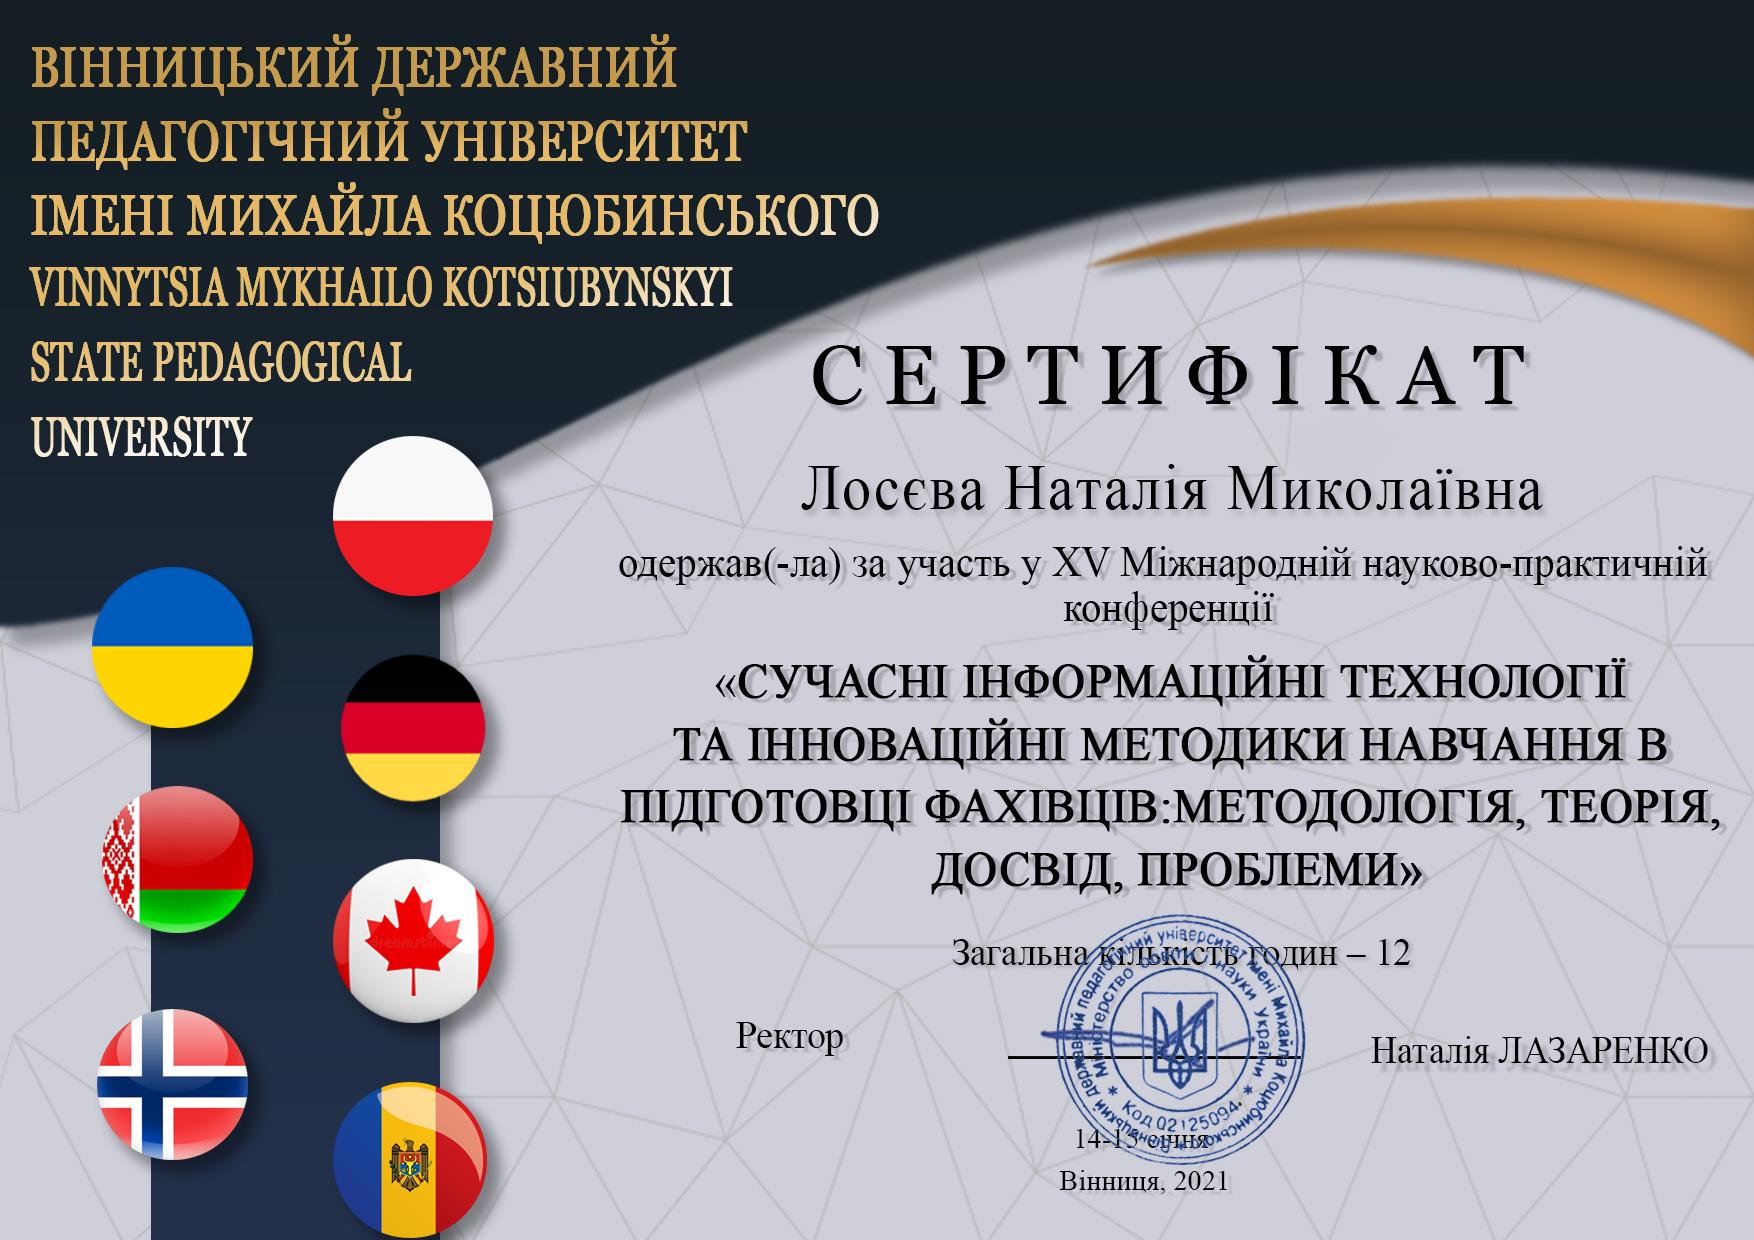 Лосєва Наталія Миколаївна